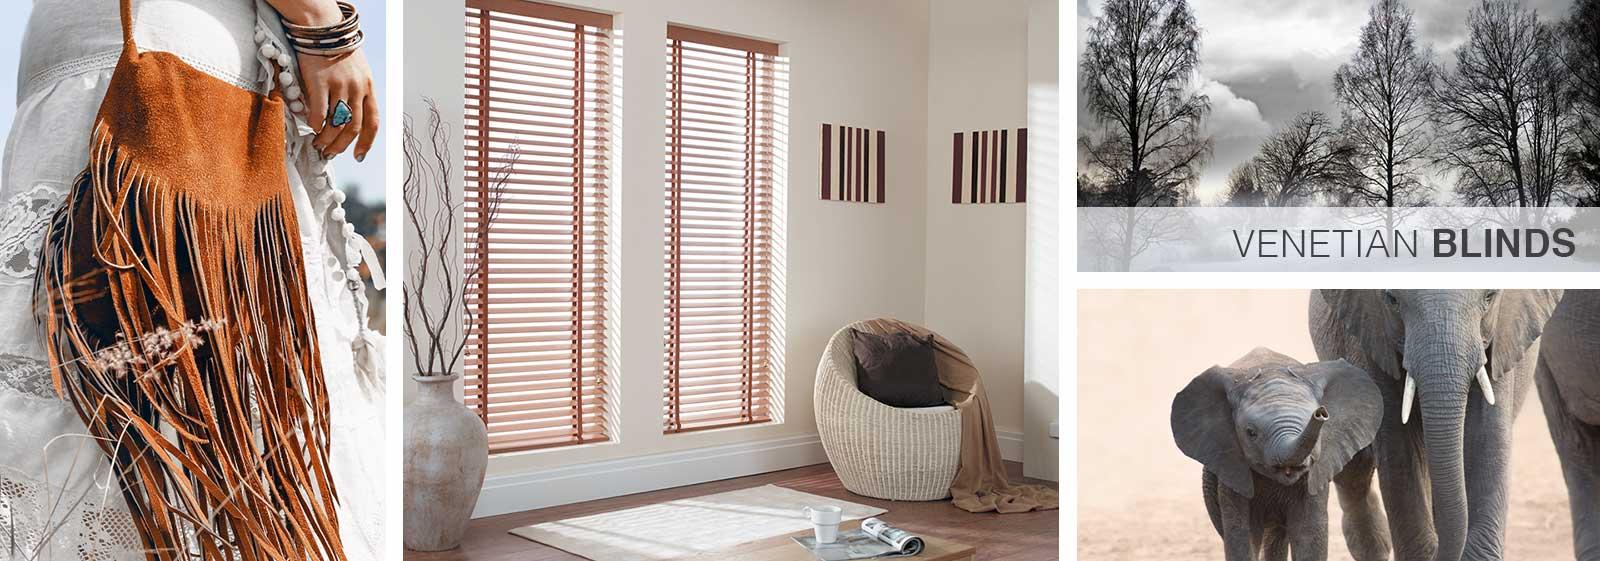 Venetian blinds, Venetian blinds, Blind Designs